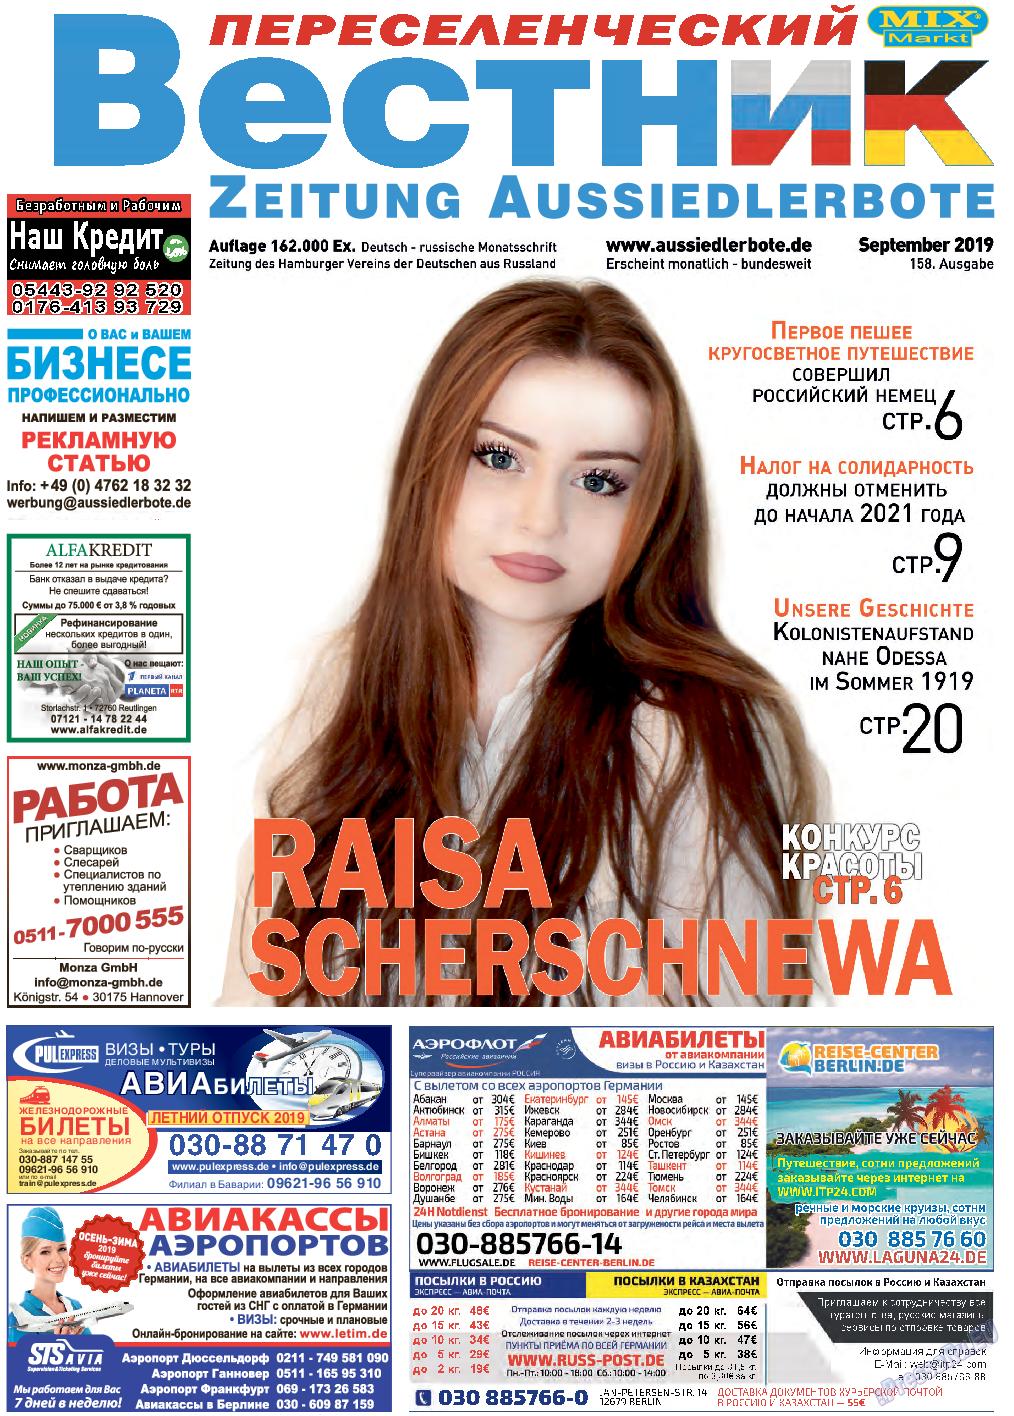 Переселенческий вестник (газета). 2019 год, номер 9, стр. 1